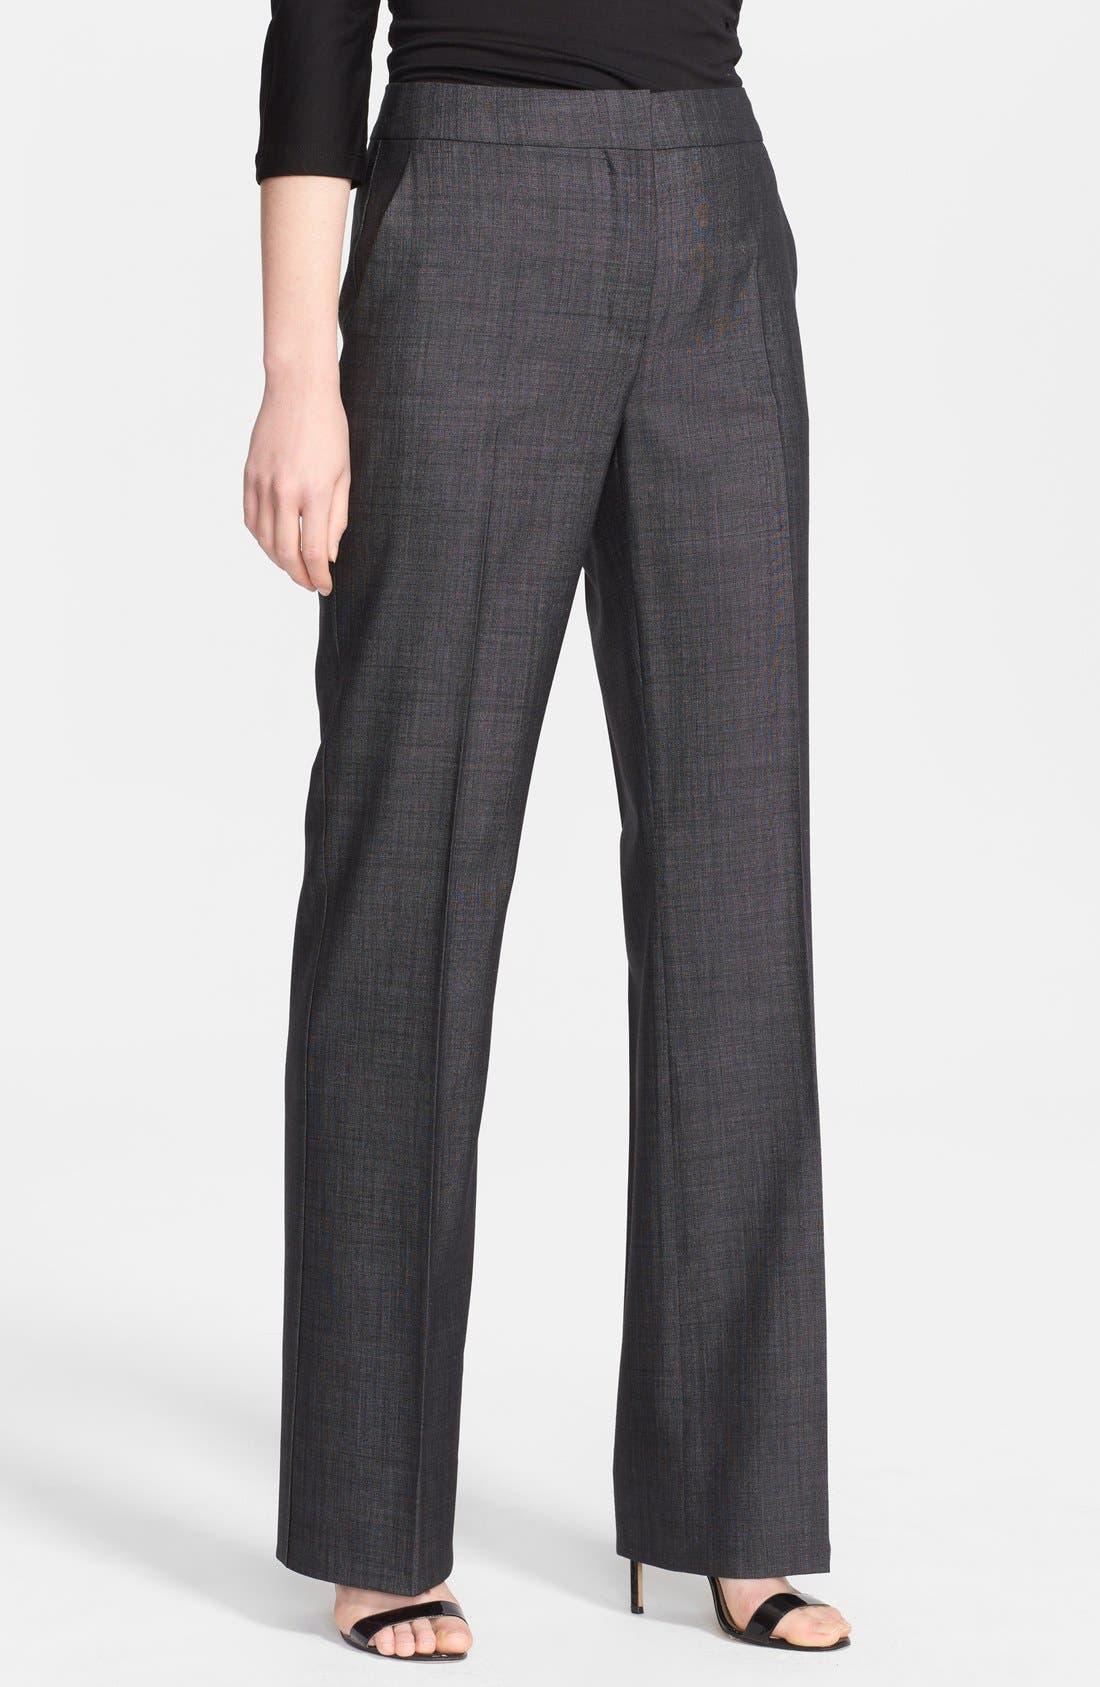 Main Image - Max Mara 'Allesia' Wool Blend Pants